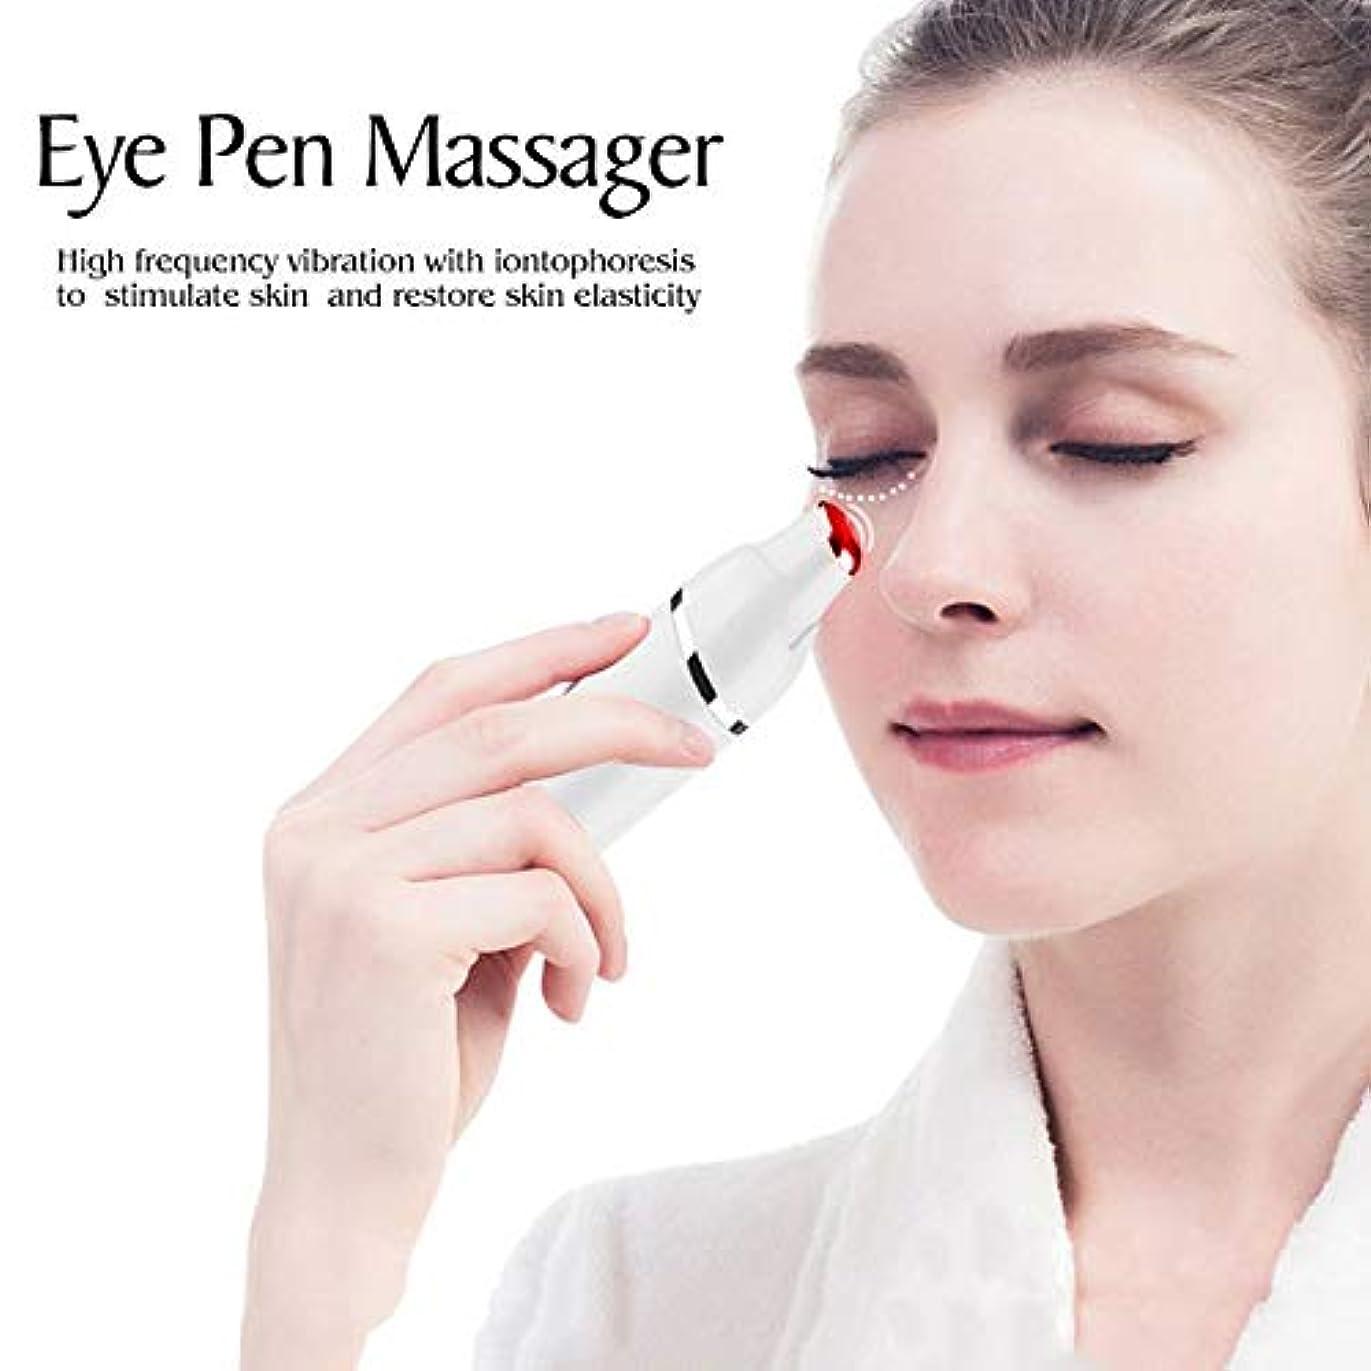 続ける食物収まるソニックアイマッサージャー、目の疲れのための42℃加熱治療用ワンド、アイクリームを効果的に促進するためのアニオンの輸入